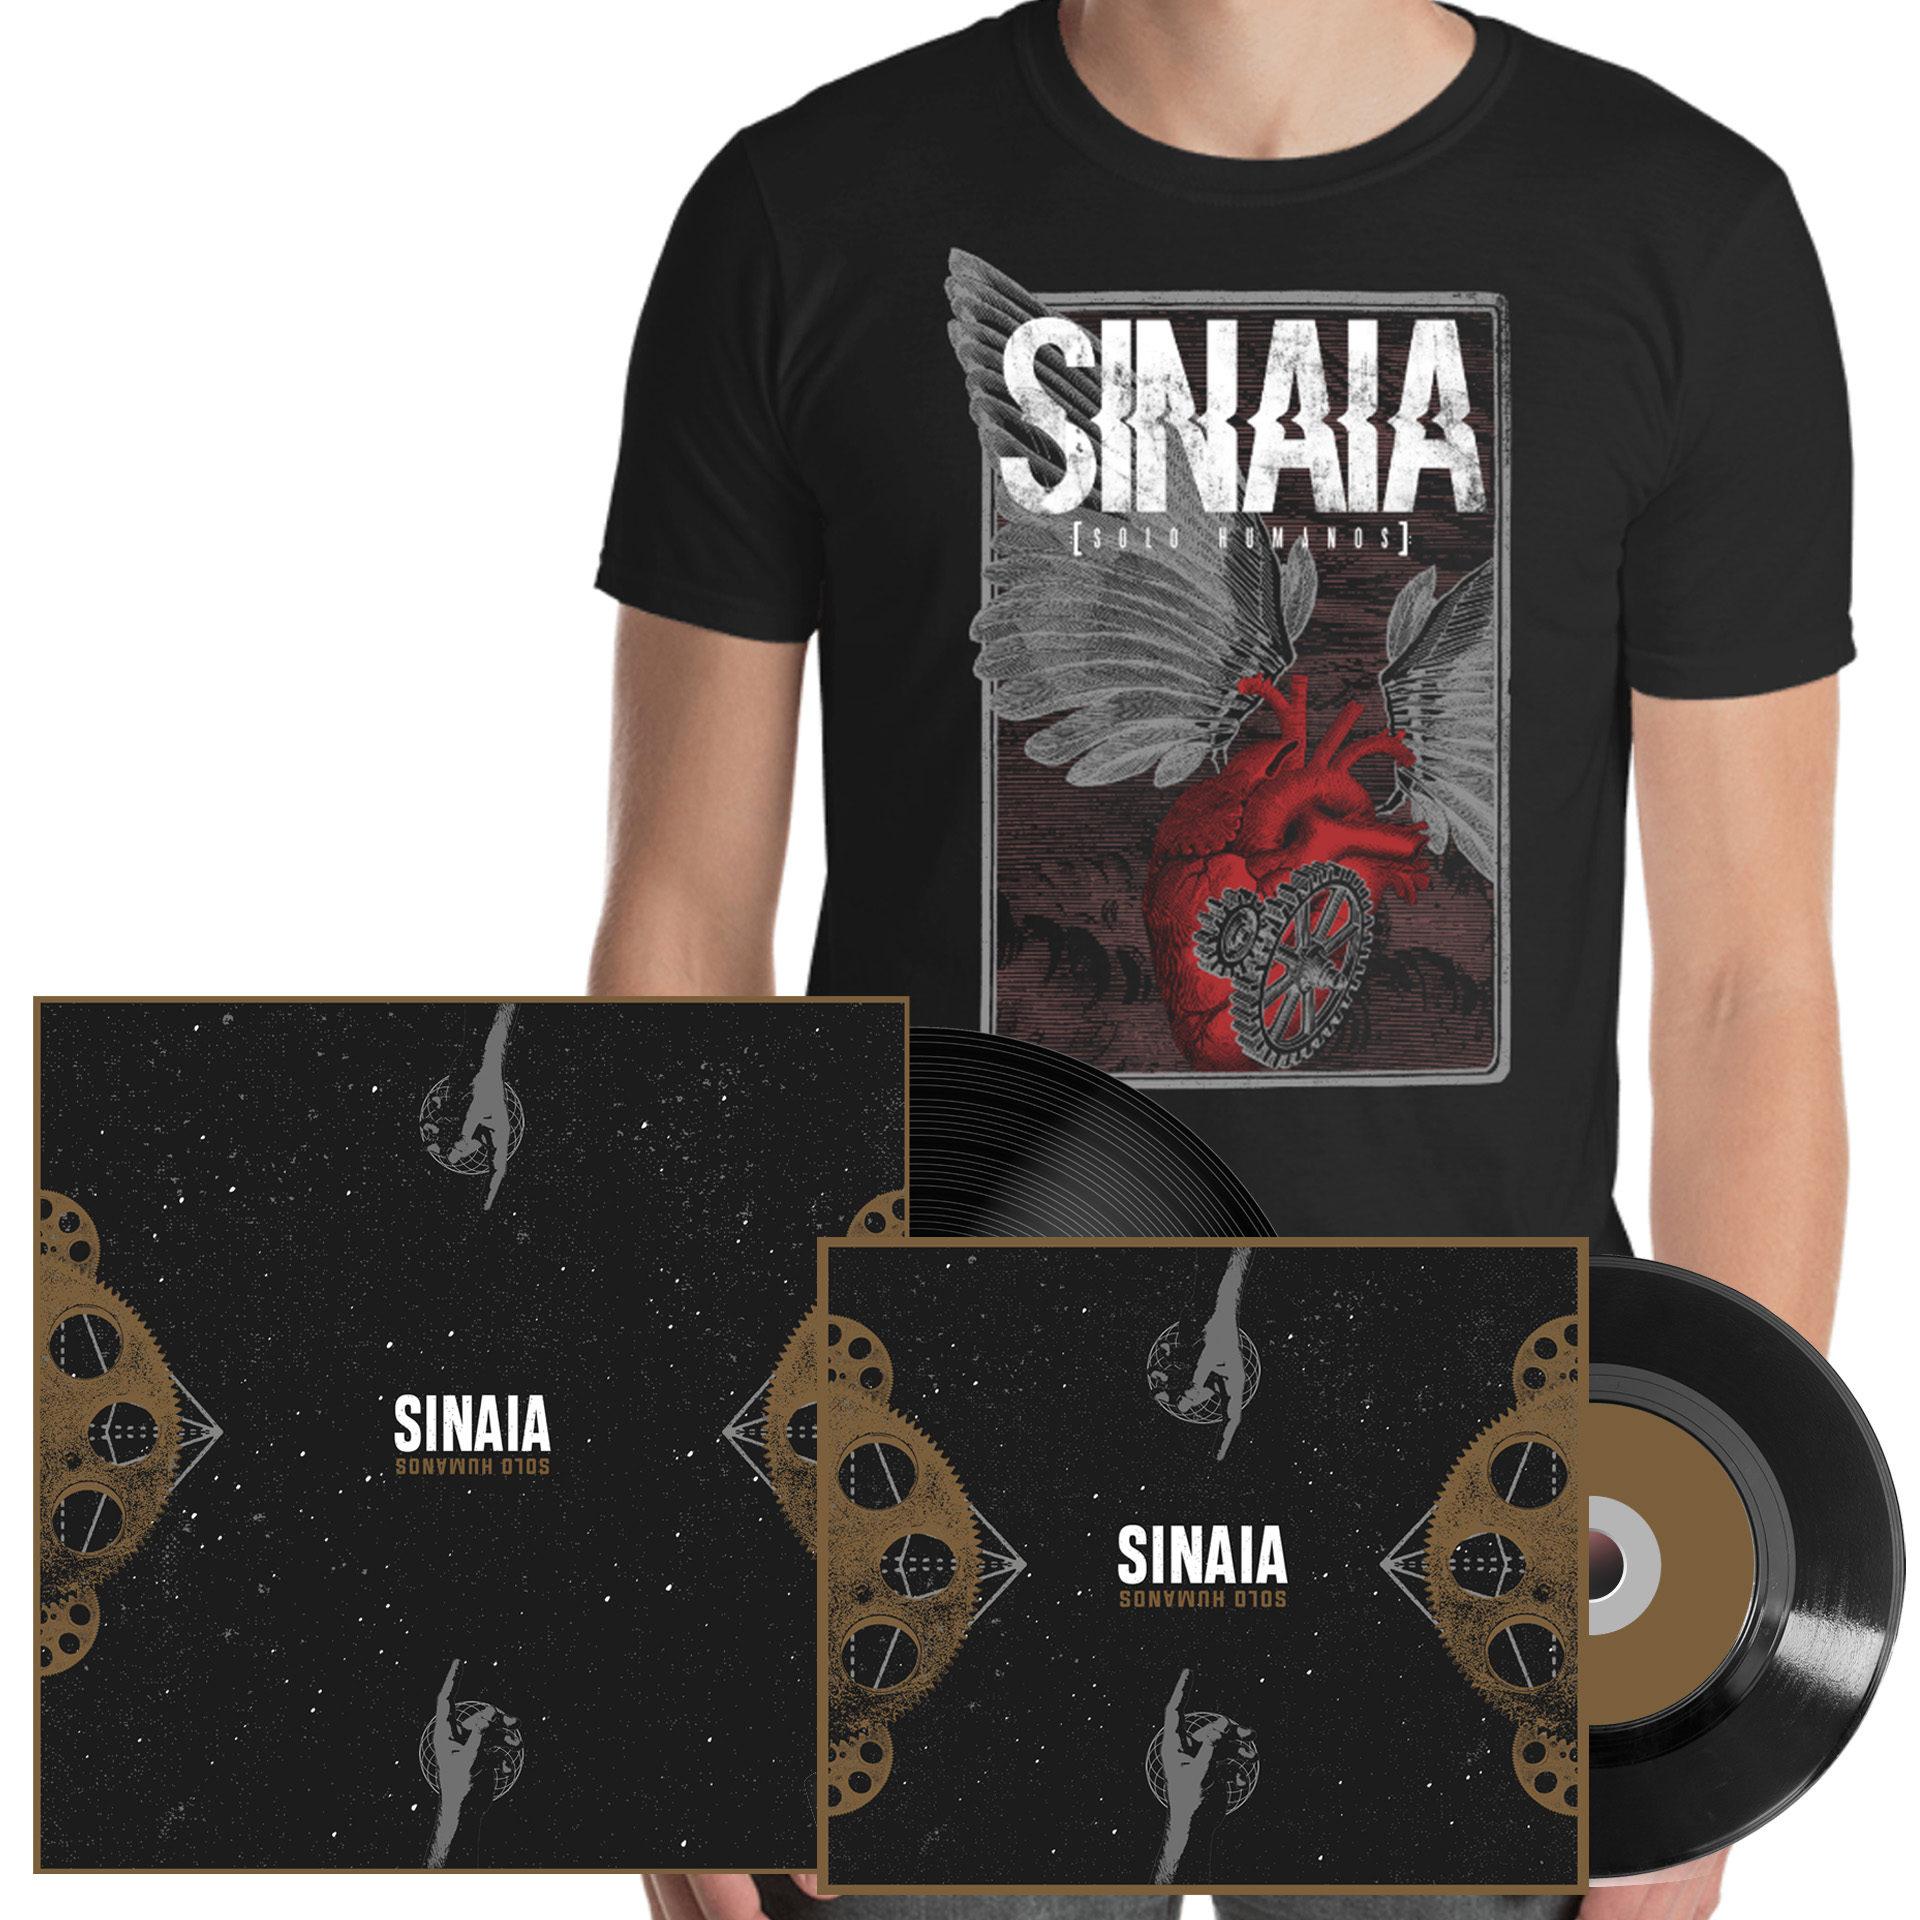 Pack CD Digipack + Vinilo + Camiseta